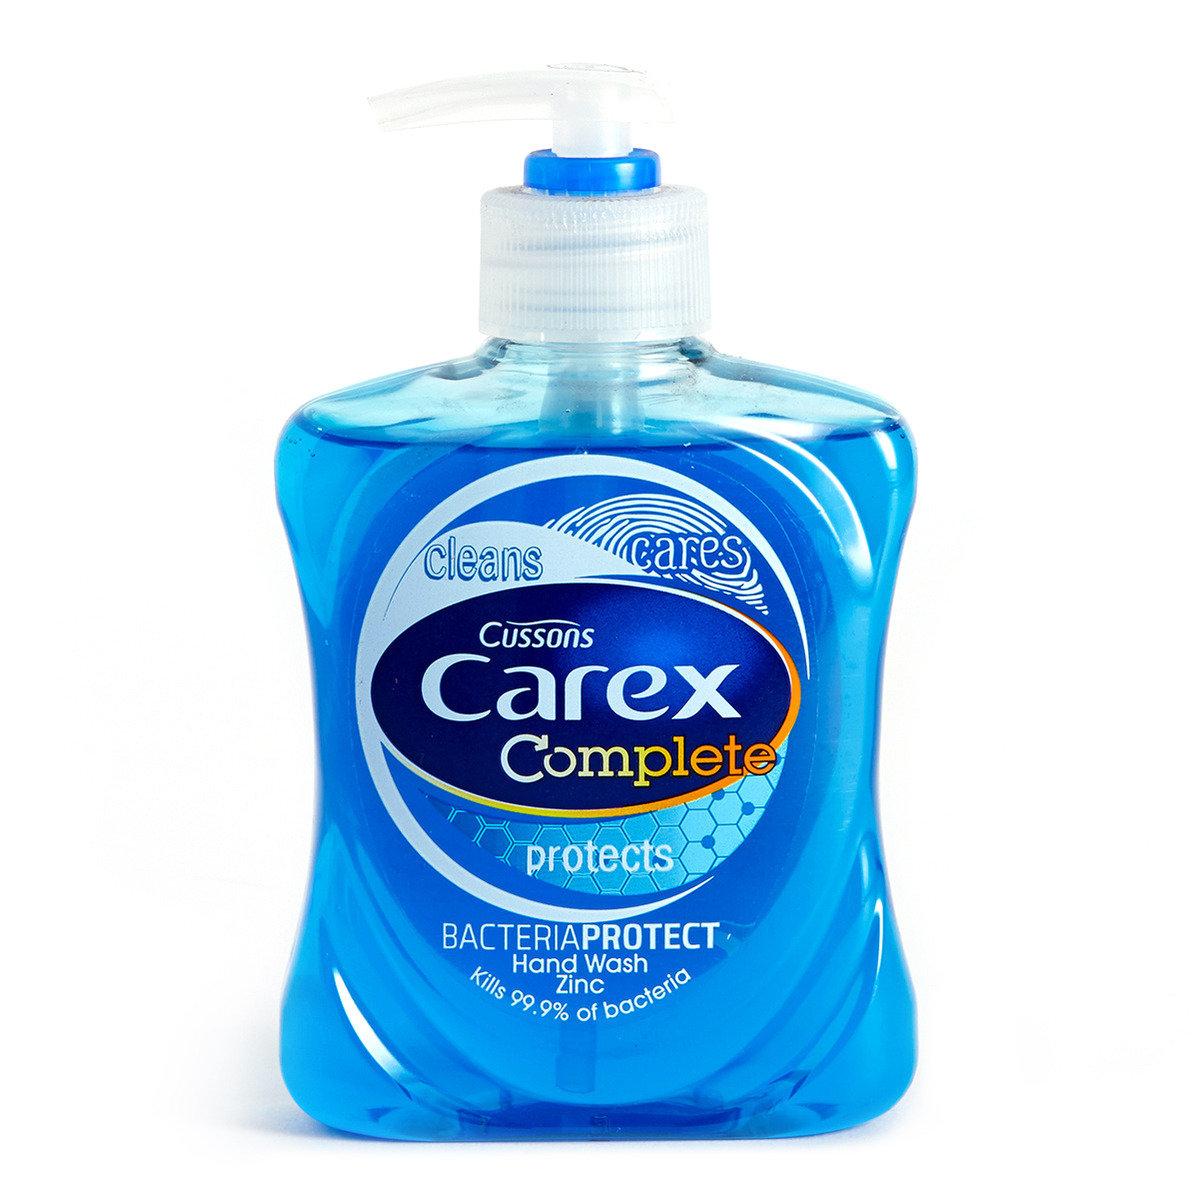 含鋅抗菌洗手液